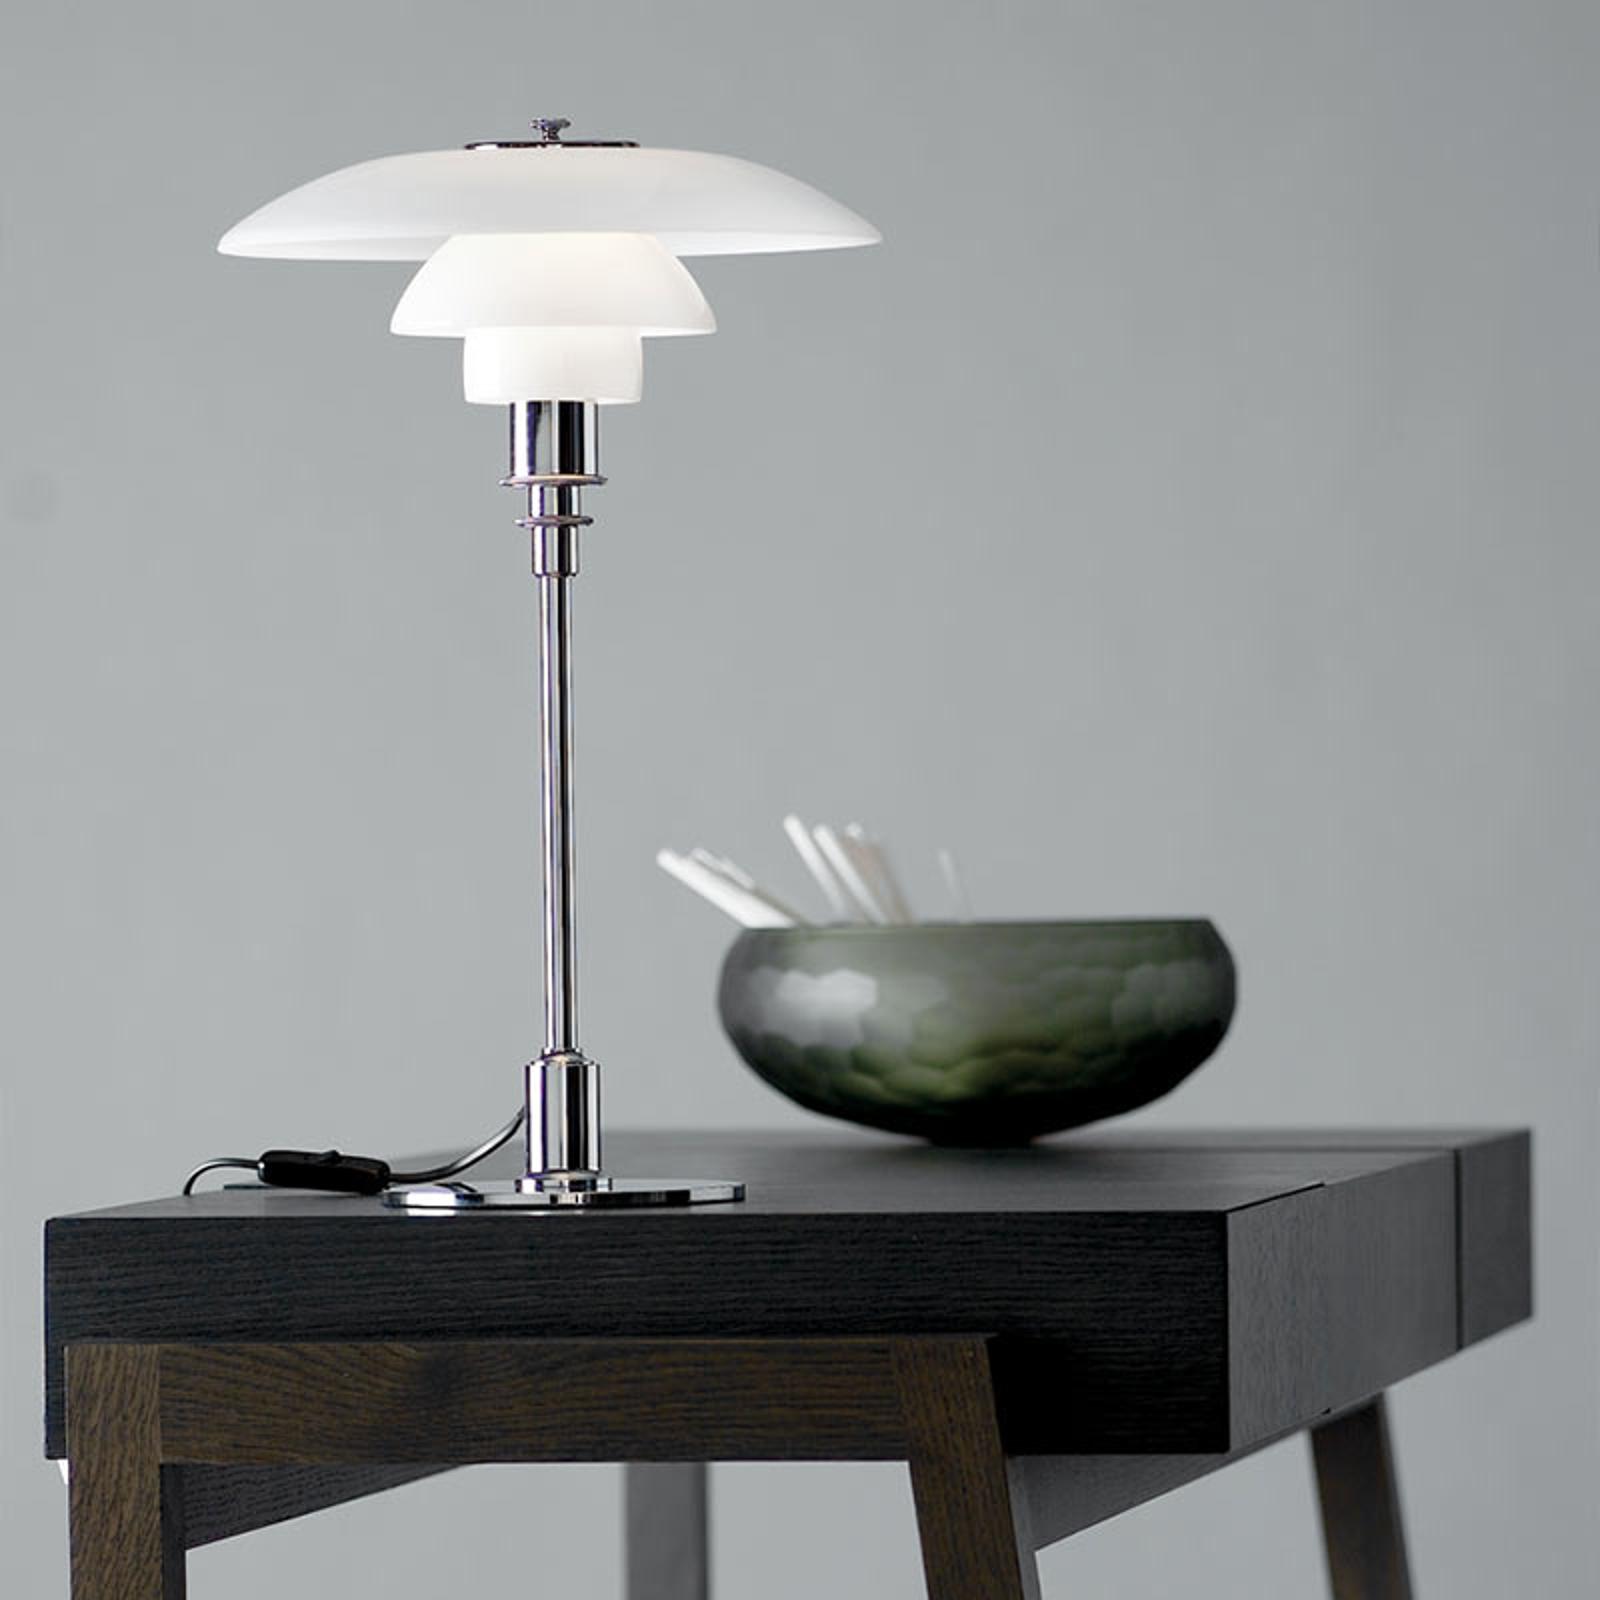 Louis Poulsen PH 3/2 Tischlampe hochglanzverchromt